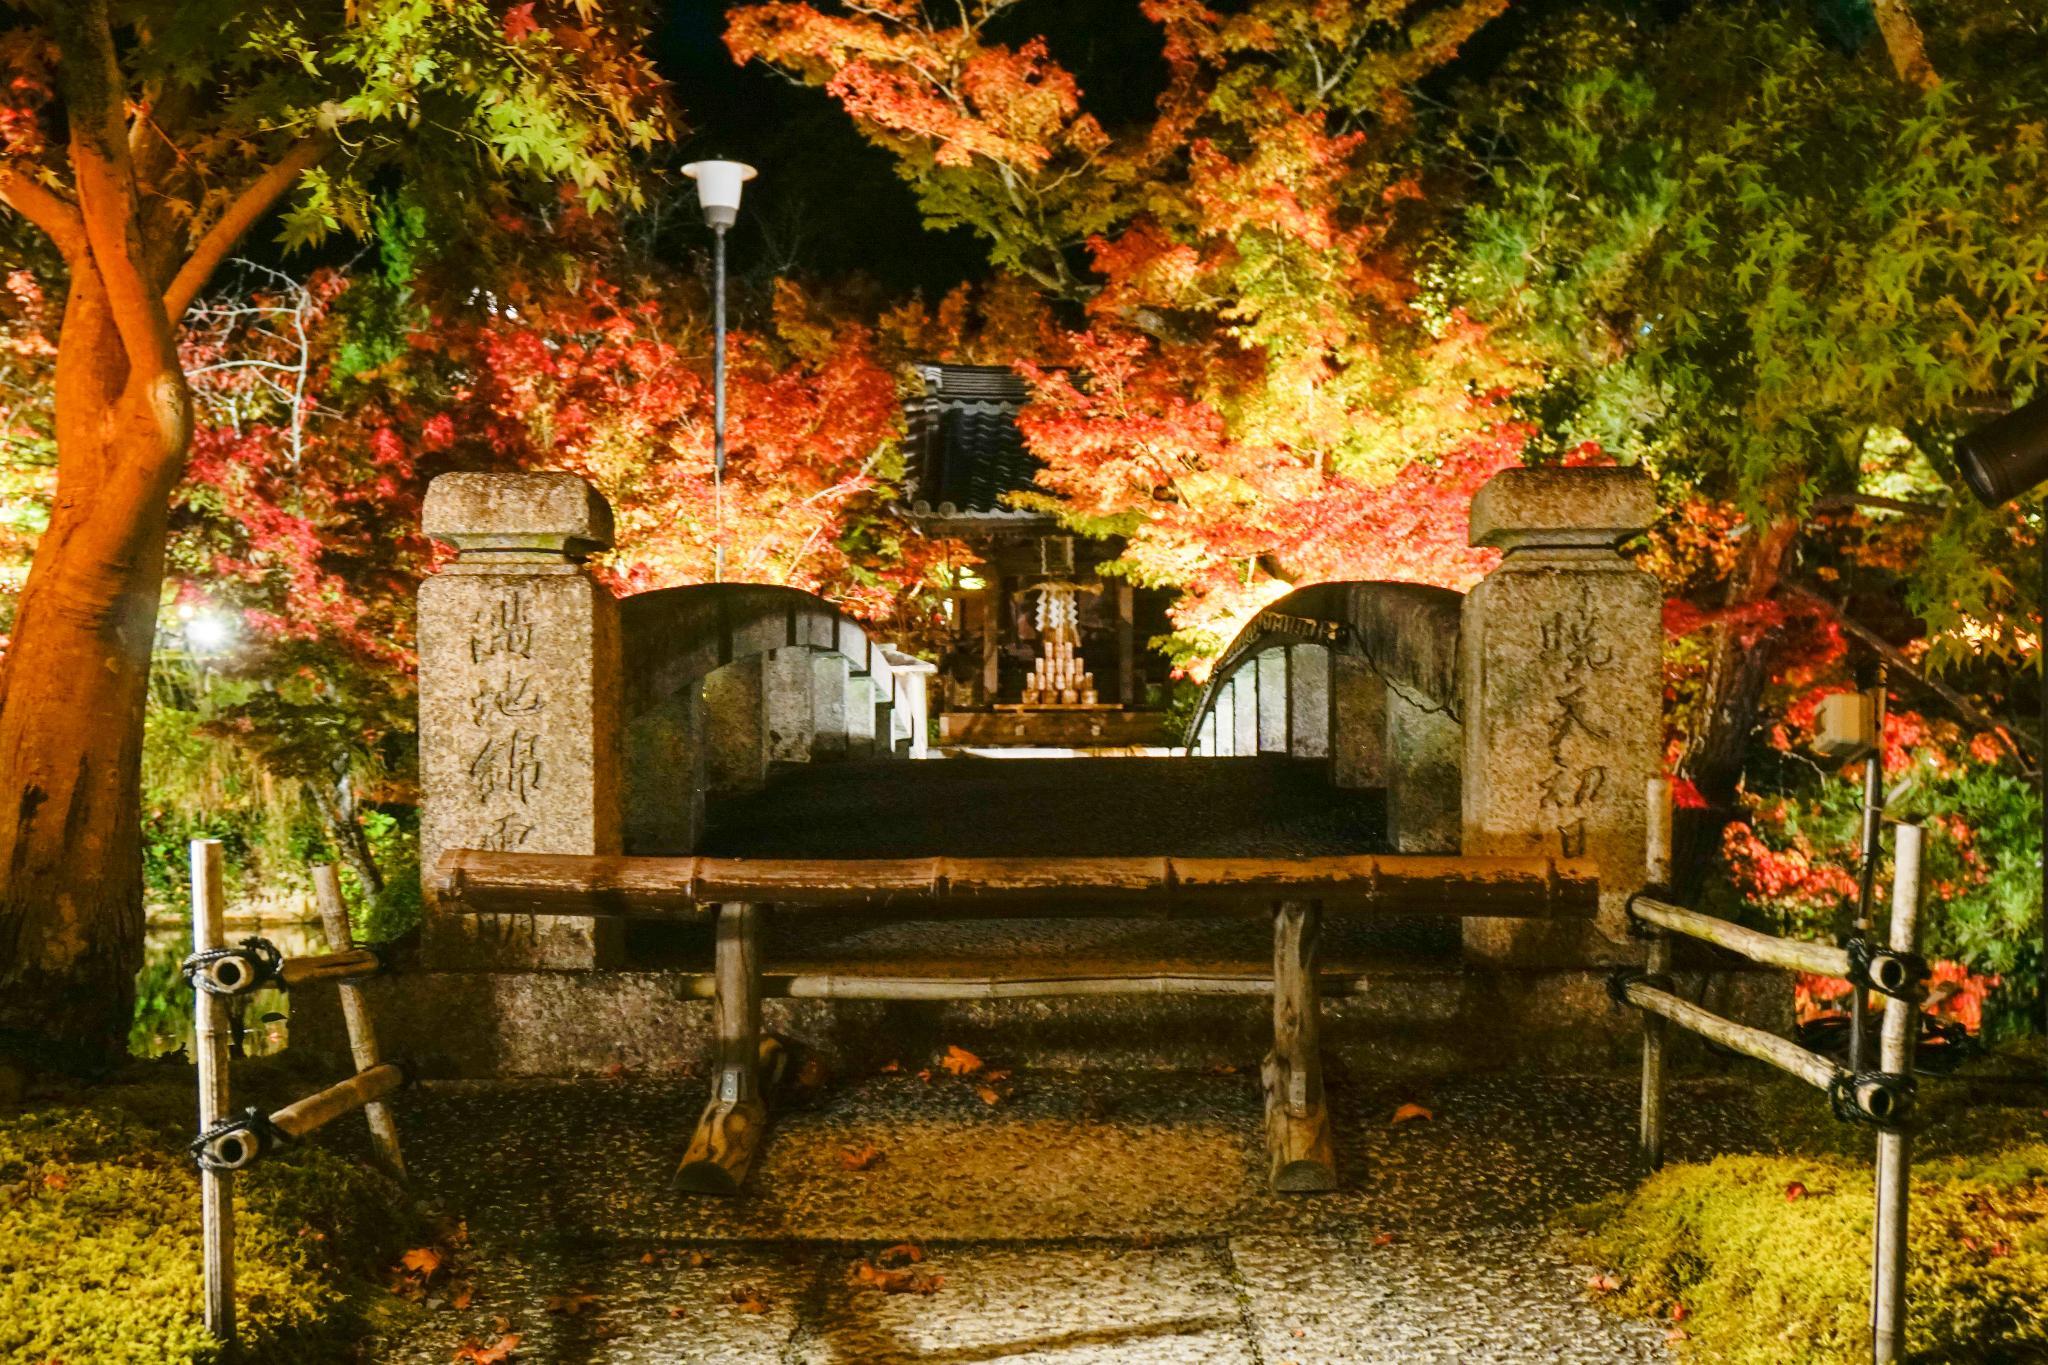 【京都】此生必來的紅葉狩絕景 - 永觀堂夜楓 115